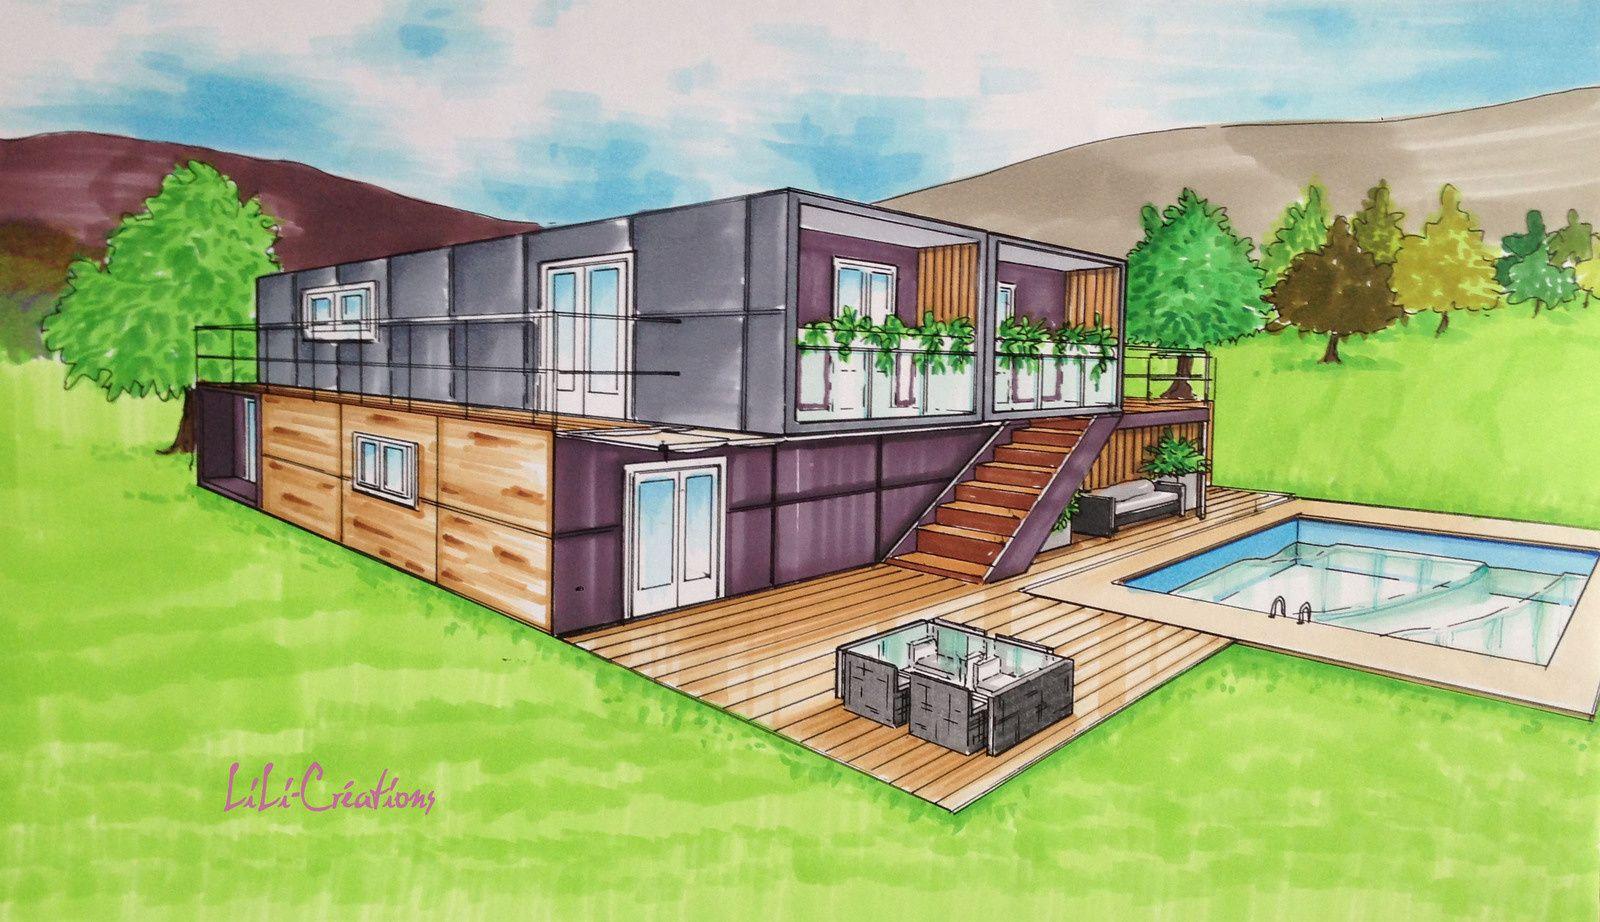 Faire Construire Une Maison Container maison container ardoise   maison dessin, dessin architecte